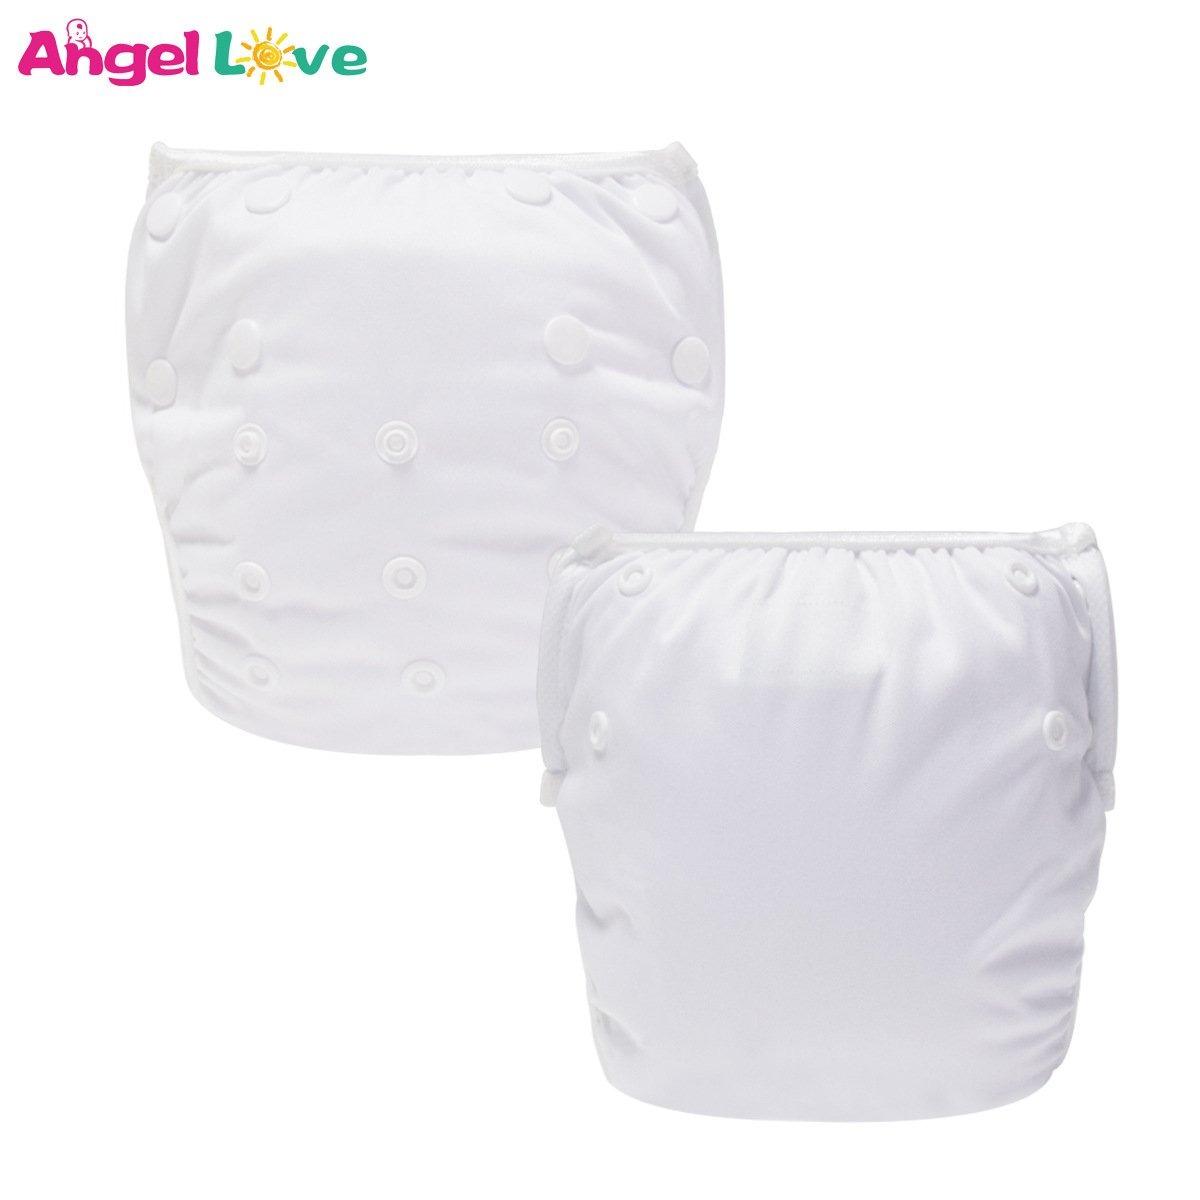 Cubiertas Pañales De Natación Paquete De 3 Angel Love Ba ...